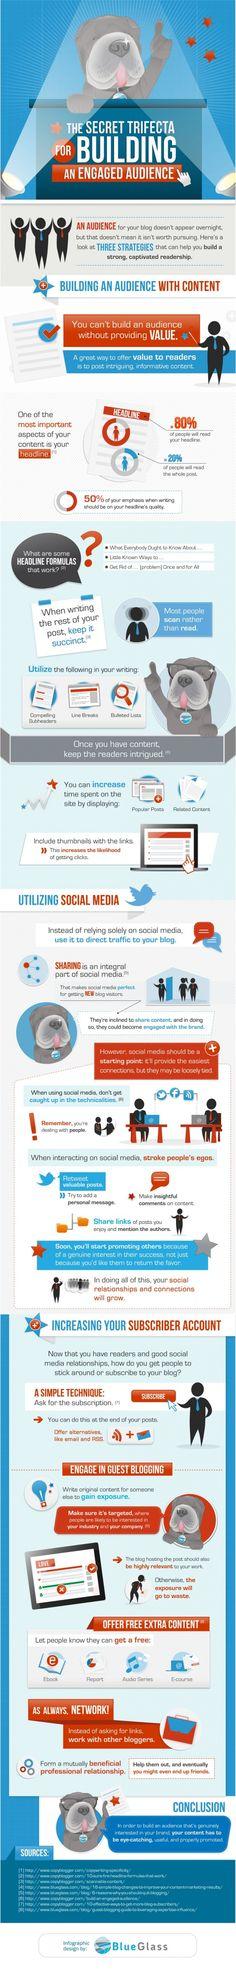 Cómo conseguir más engagement #socialmedia #infografia